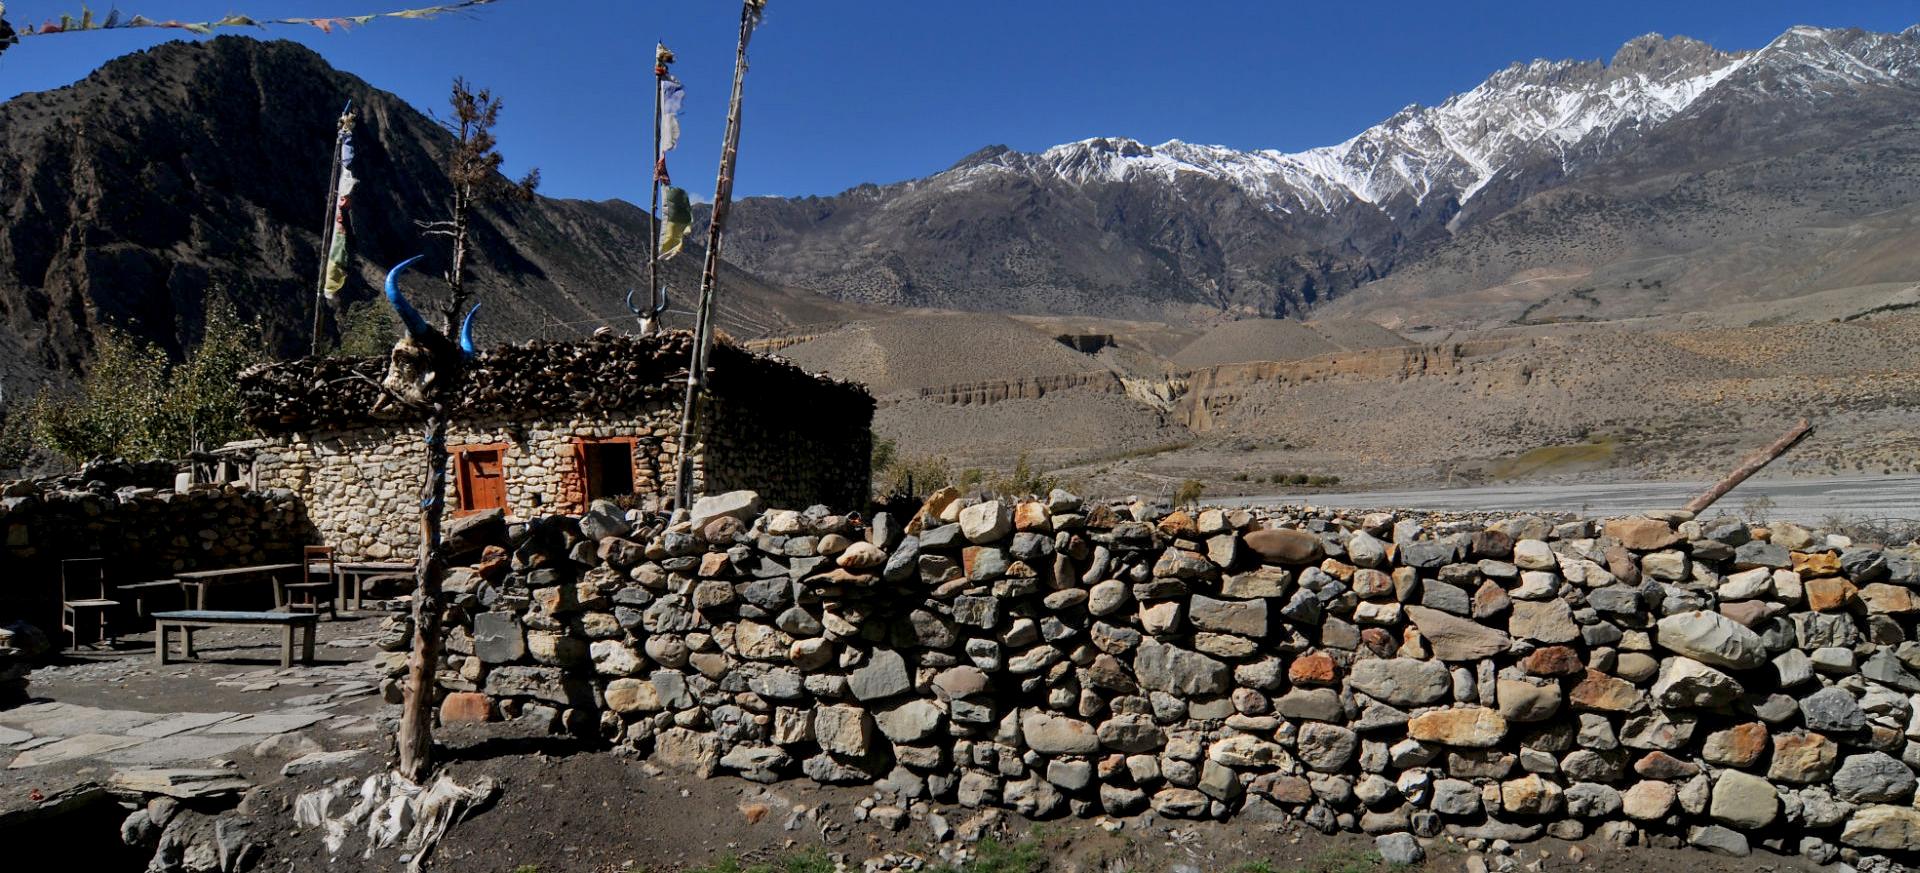 Langtang-Village-Trek